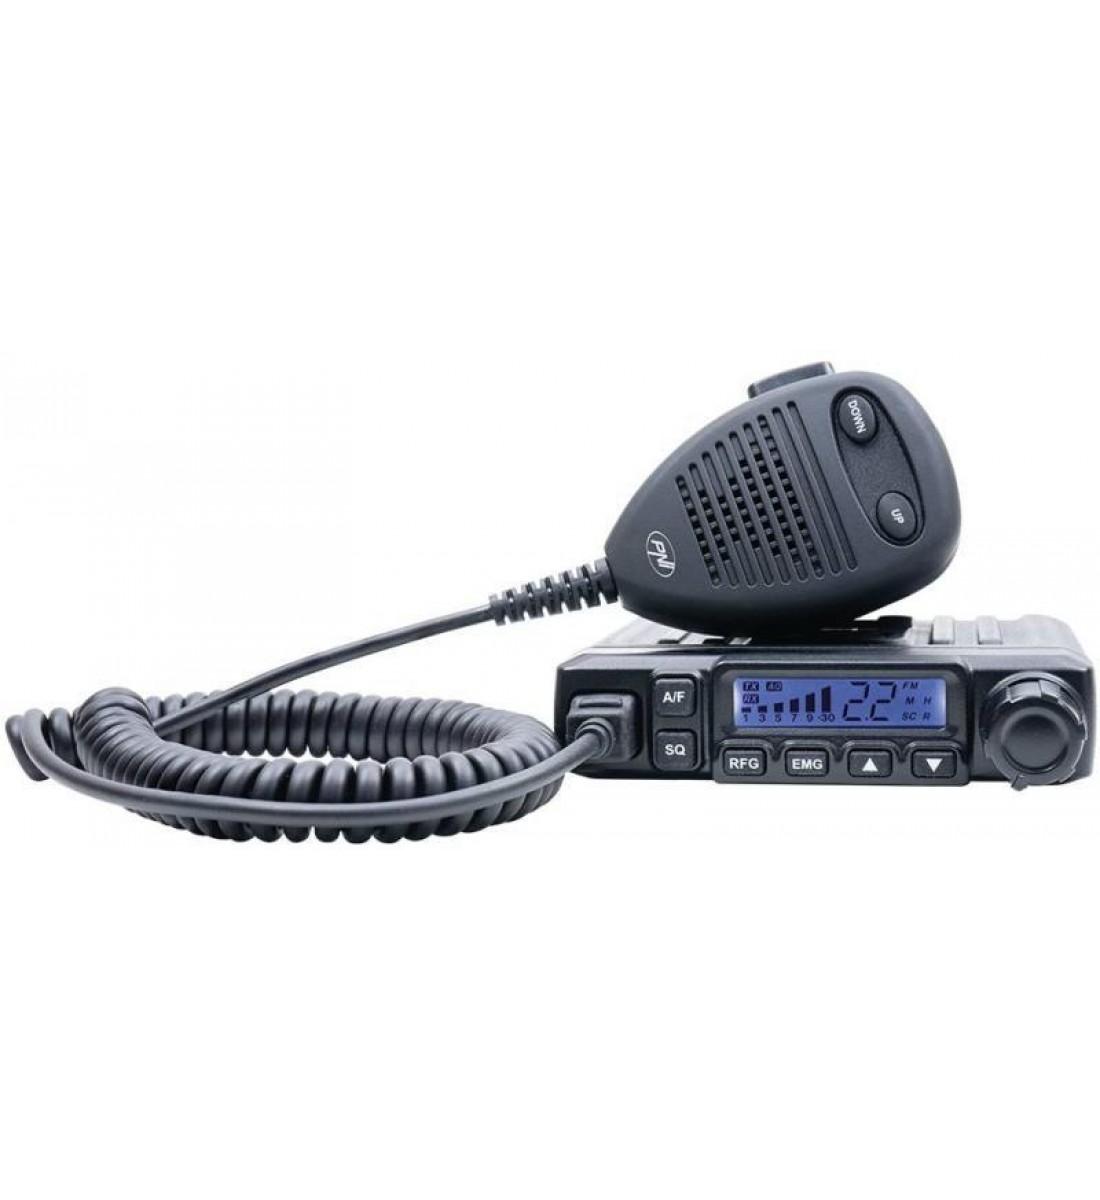 Statie radio CB PNI Escort HP 6500, ASQ